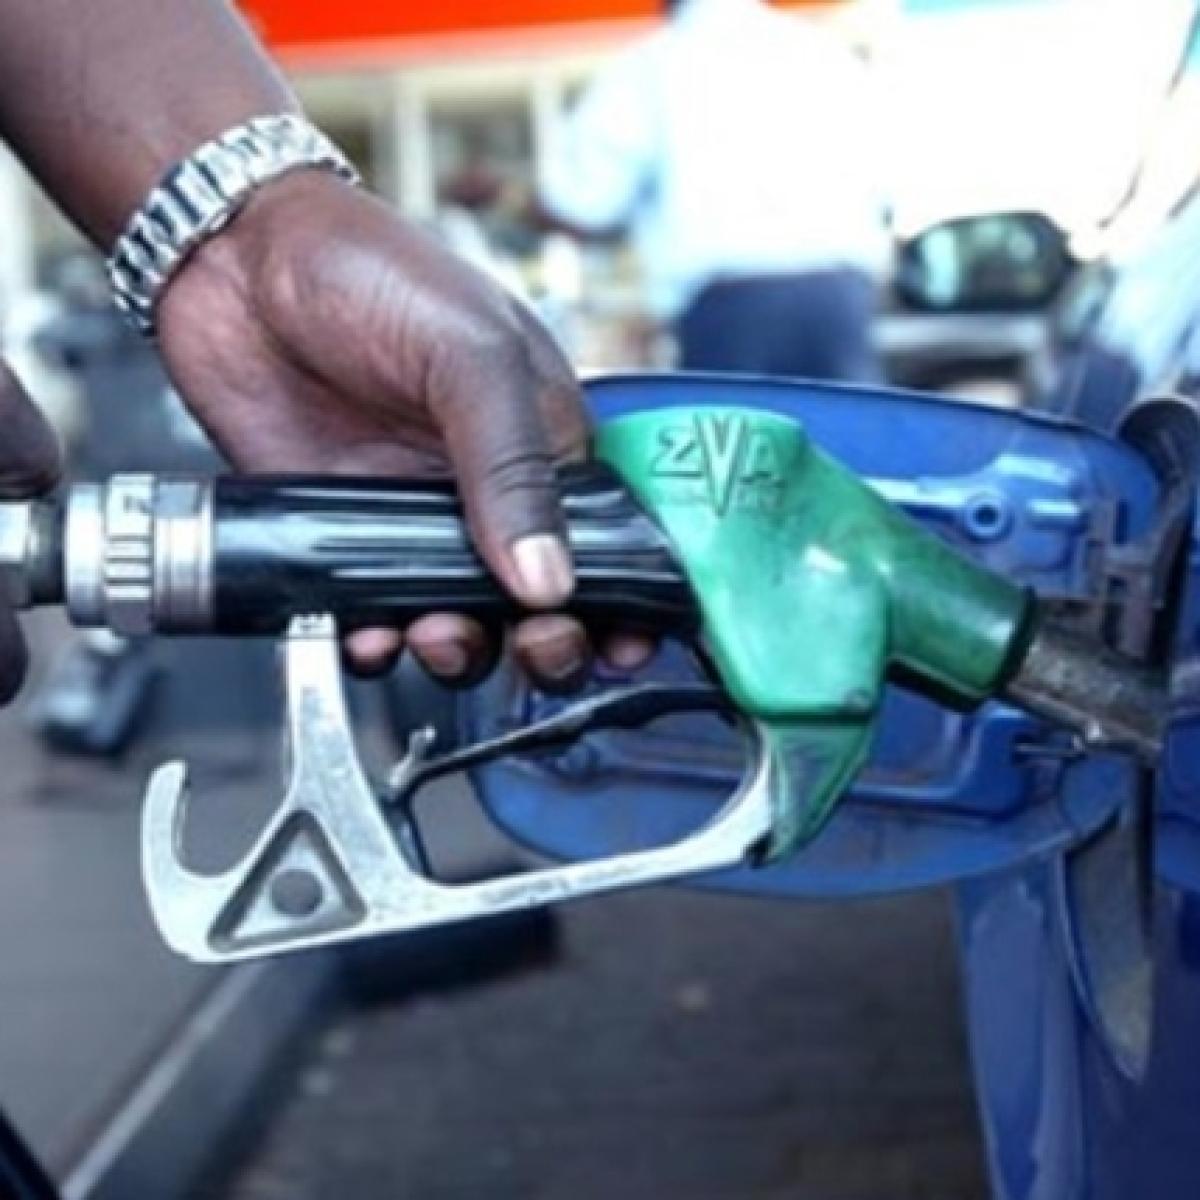 Petrol, diesel prices remain unchanged amid coronavirus outbreak